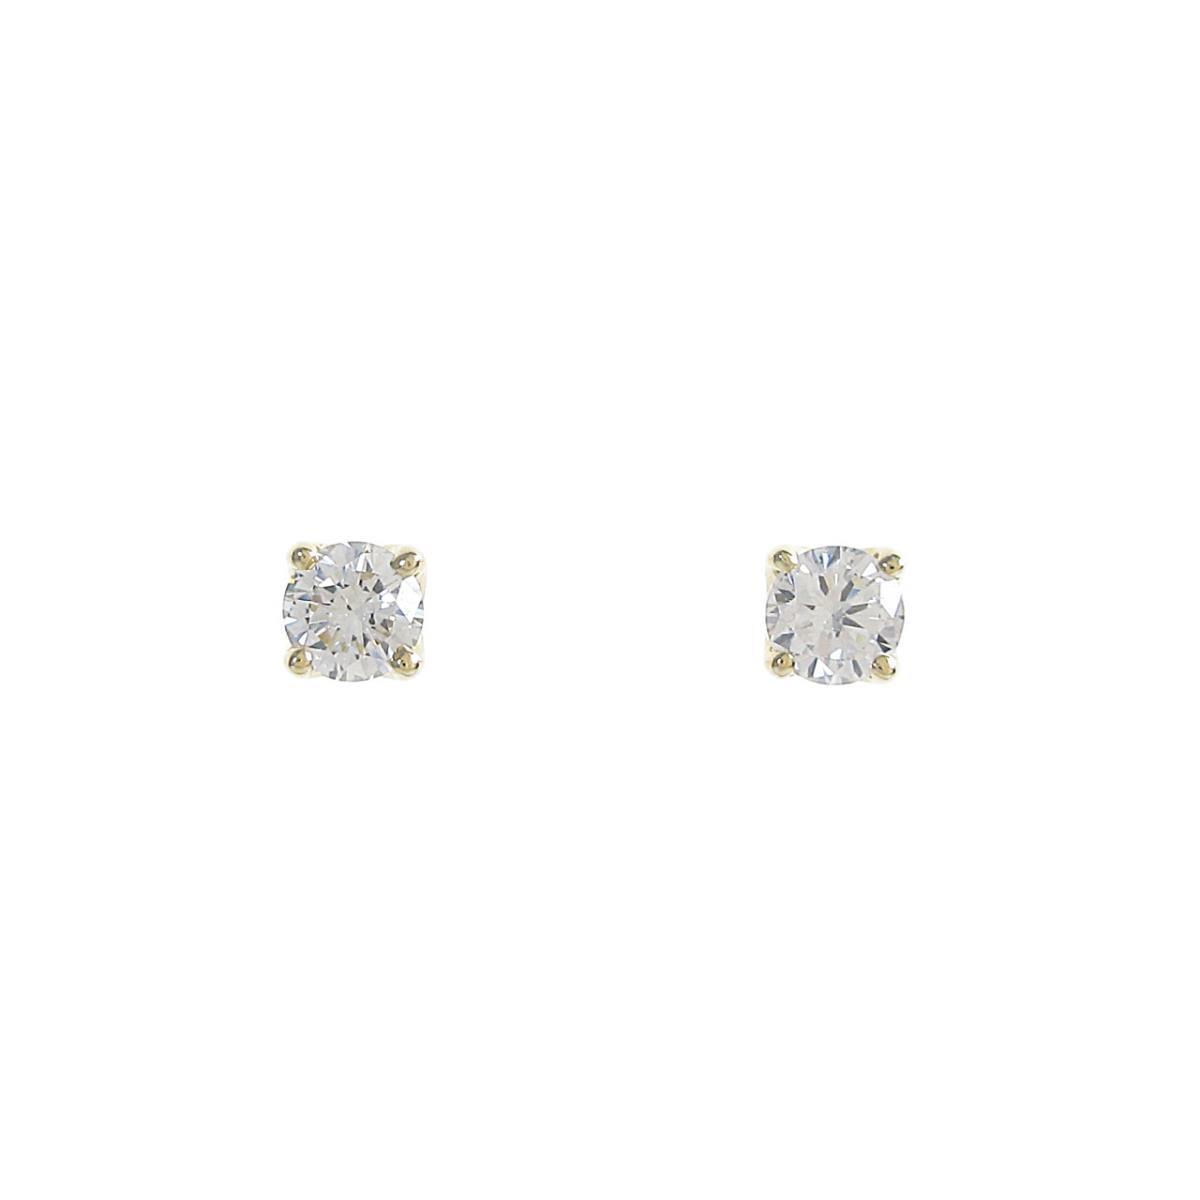 【リメイク】K18YG/ST ダイヤモンドピアス 0.202ct・0.212ct・E・SI1・GOOD【中古】